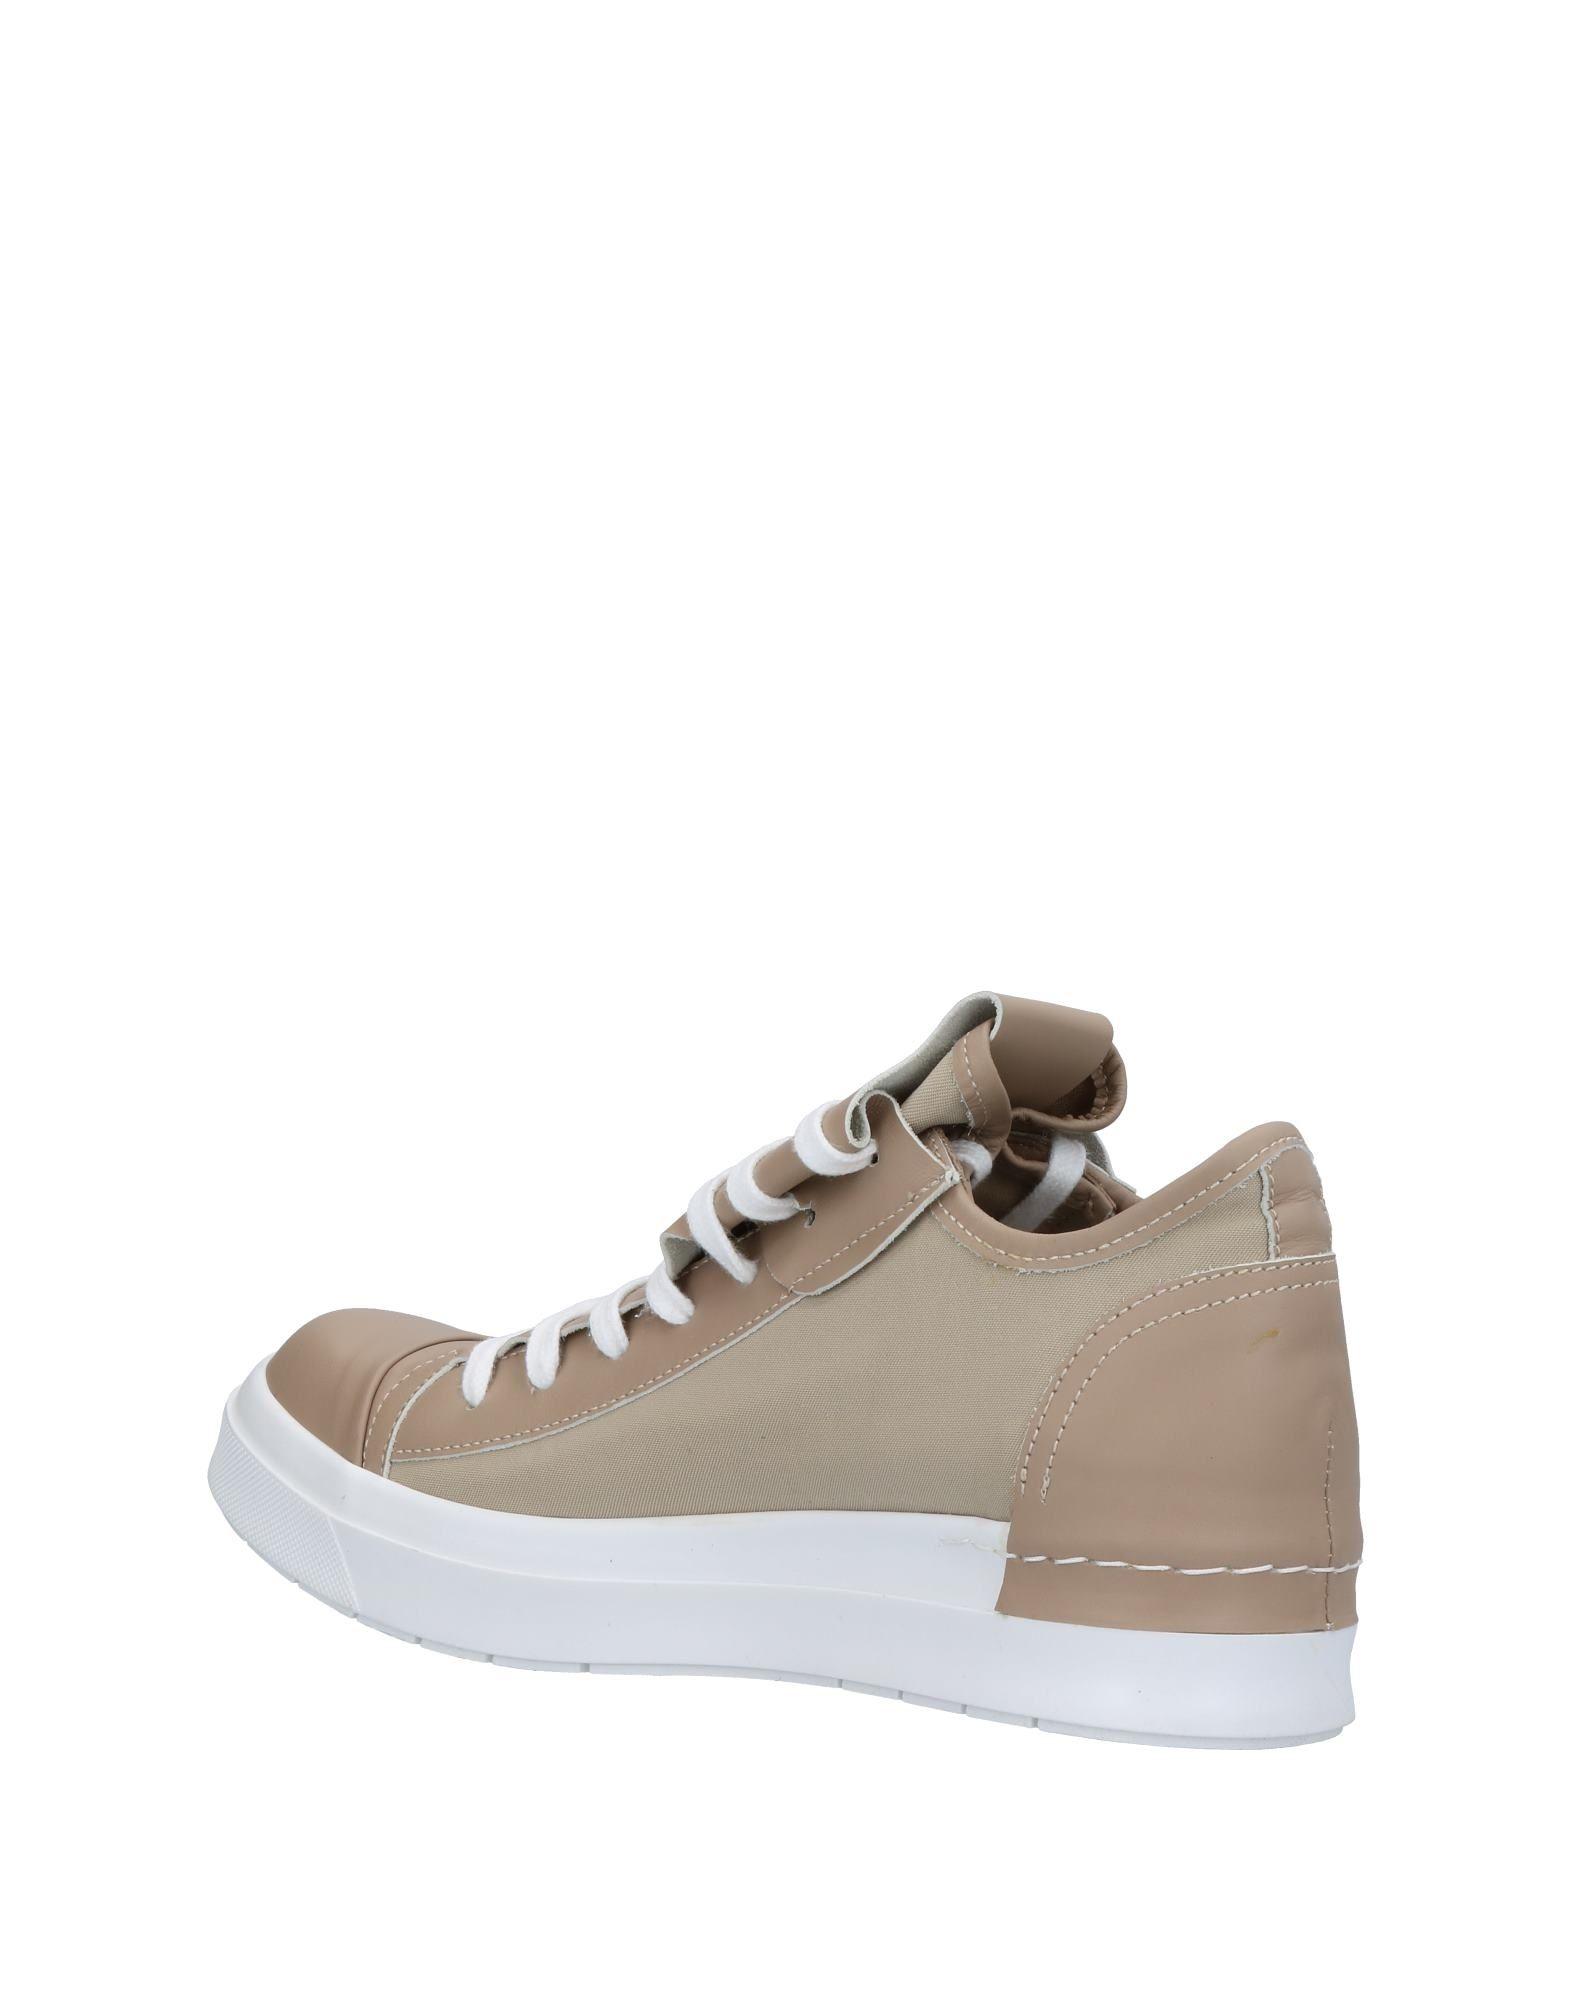 Cinzia Araia  Sneakers Herren  Araia 11327605KI 846913